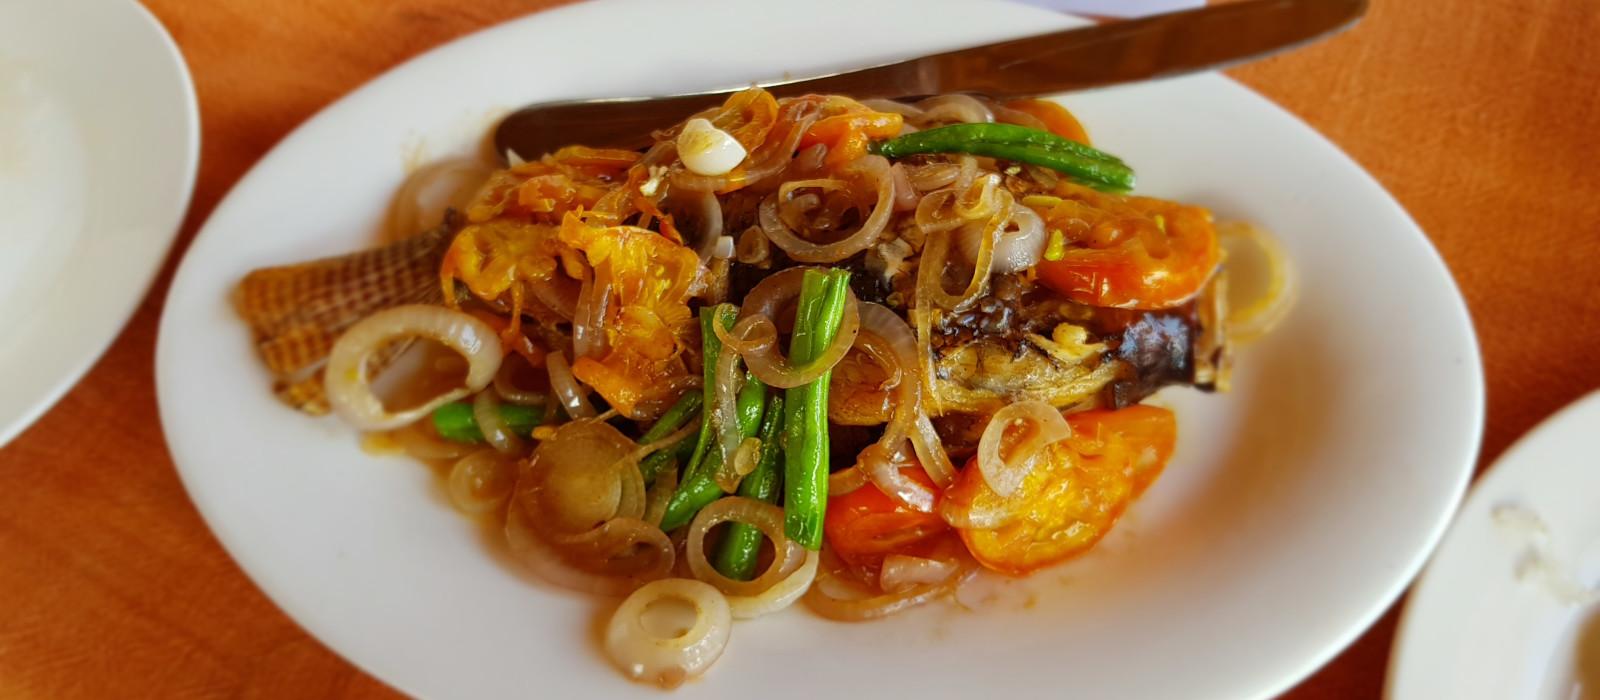 Cuisine in Myanmar